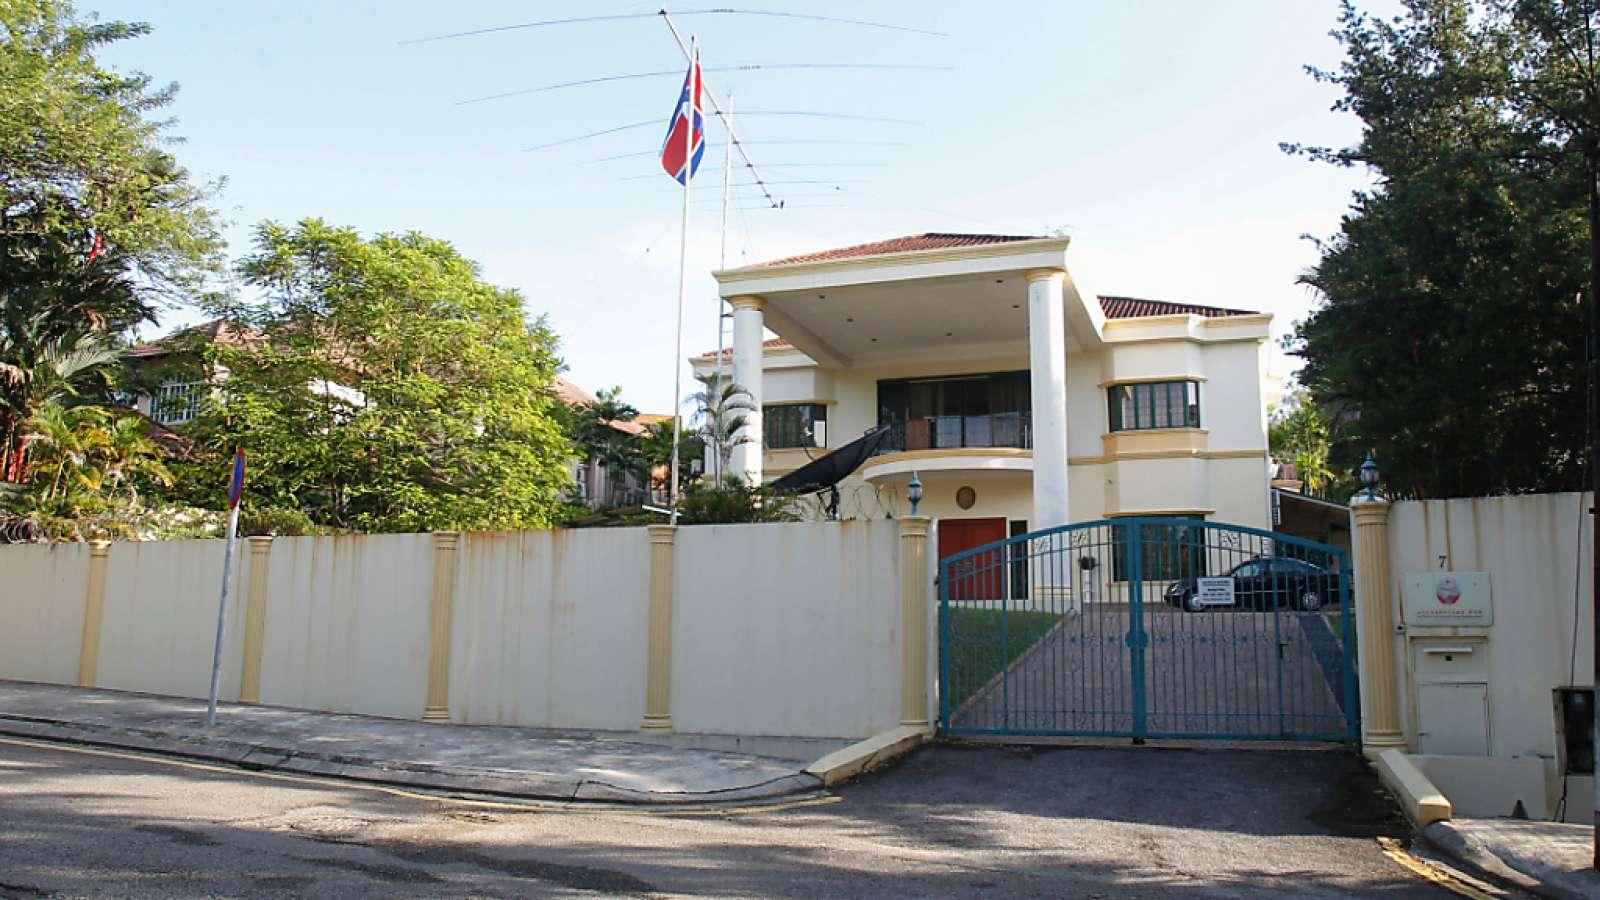 Nordkoreas Botschaft in Malaysia: Nach Polizeiangaben ist ein Nordkoreaner im mutmasslichen Mordfall um den Halbbruder des nordkoreanischen Machthabers festgenommen worden. Es ist die vierte Festnahme.